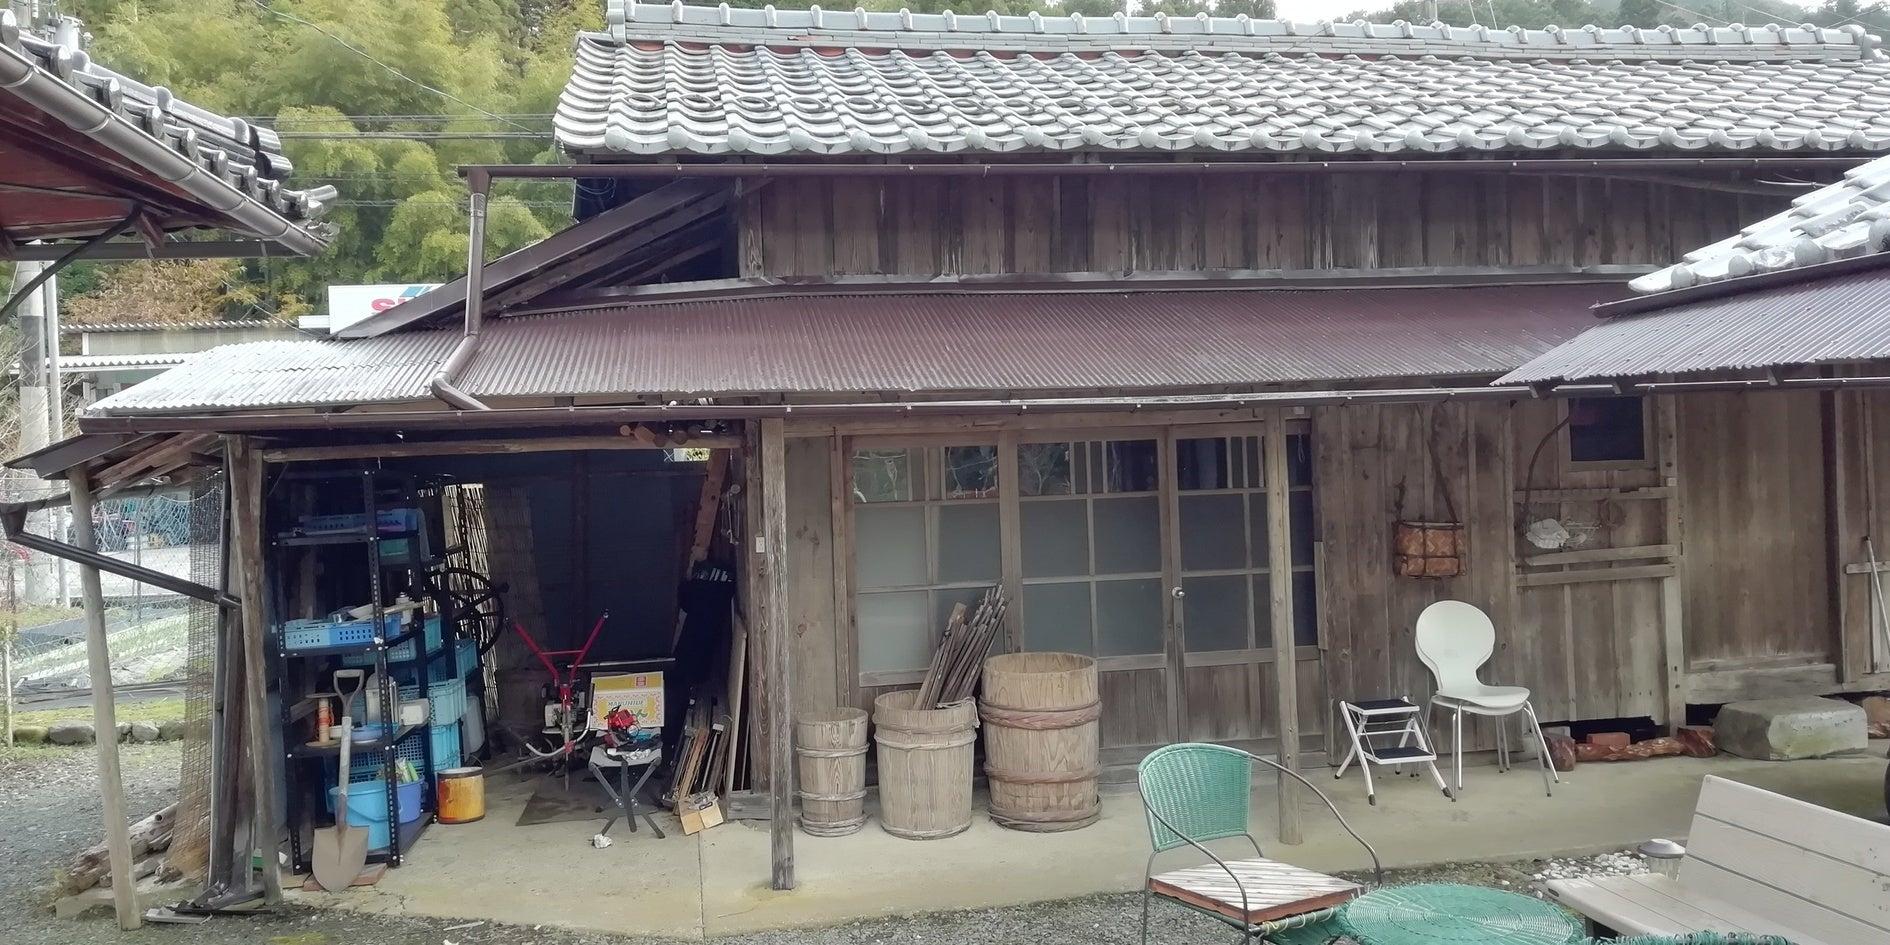 京都の里山にある古民家。近隣には清流、山、滝あり。【English Speakers Welcomed】 の写真